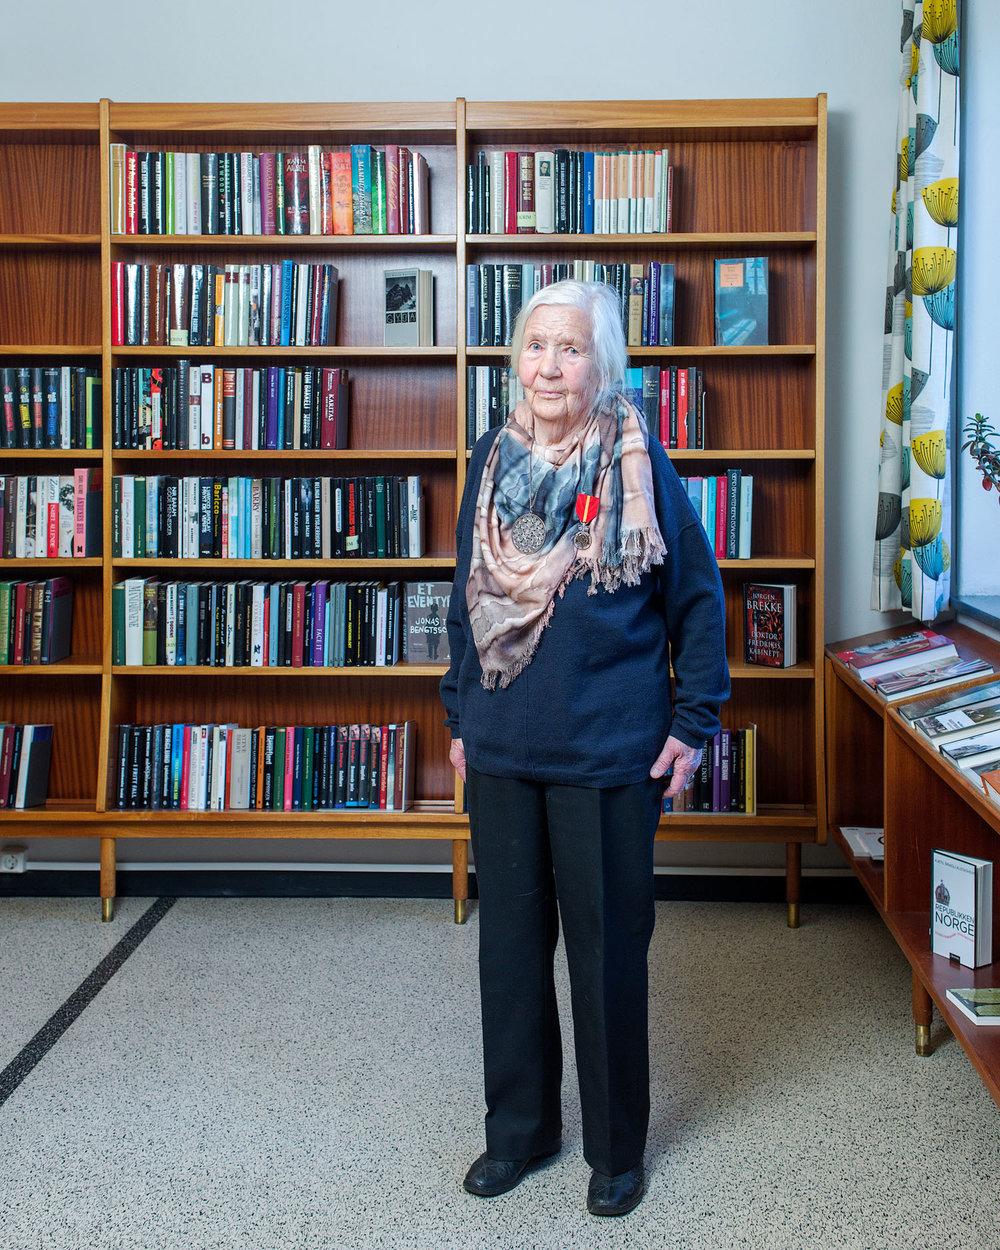 Odda bibliotek  Biblioteknr.: NO-2122800 Odda, Hordaland Fotografert: 2015  Rådhuset i Odda sto ferdig i 1957 og huser både biblioteket og kinoen. Tegningene viste egentlig et lokale på 125 kvadratmeter, men daværende biblioteksjef Dordei Nesheim Raaen var alt annet enn fornøyd. Etter intens lobbyvirksomhet fikk biblioteket til slutt 750 kvadratmeter.    Dordei Nesheim Raaen ble tildelt Kongens fortjenstmedalje for sin innsats som biblioteksjef i Odda 1949–1983.